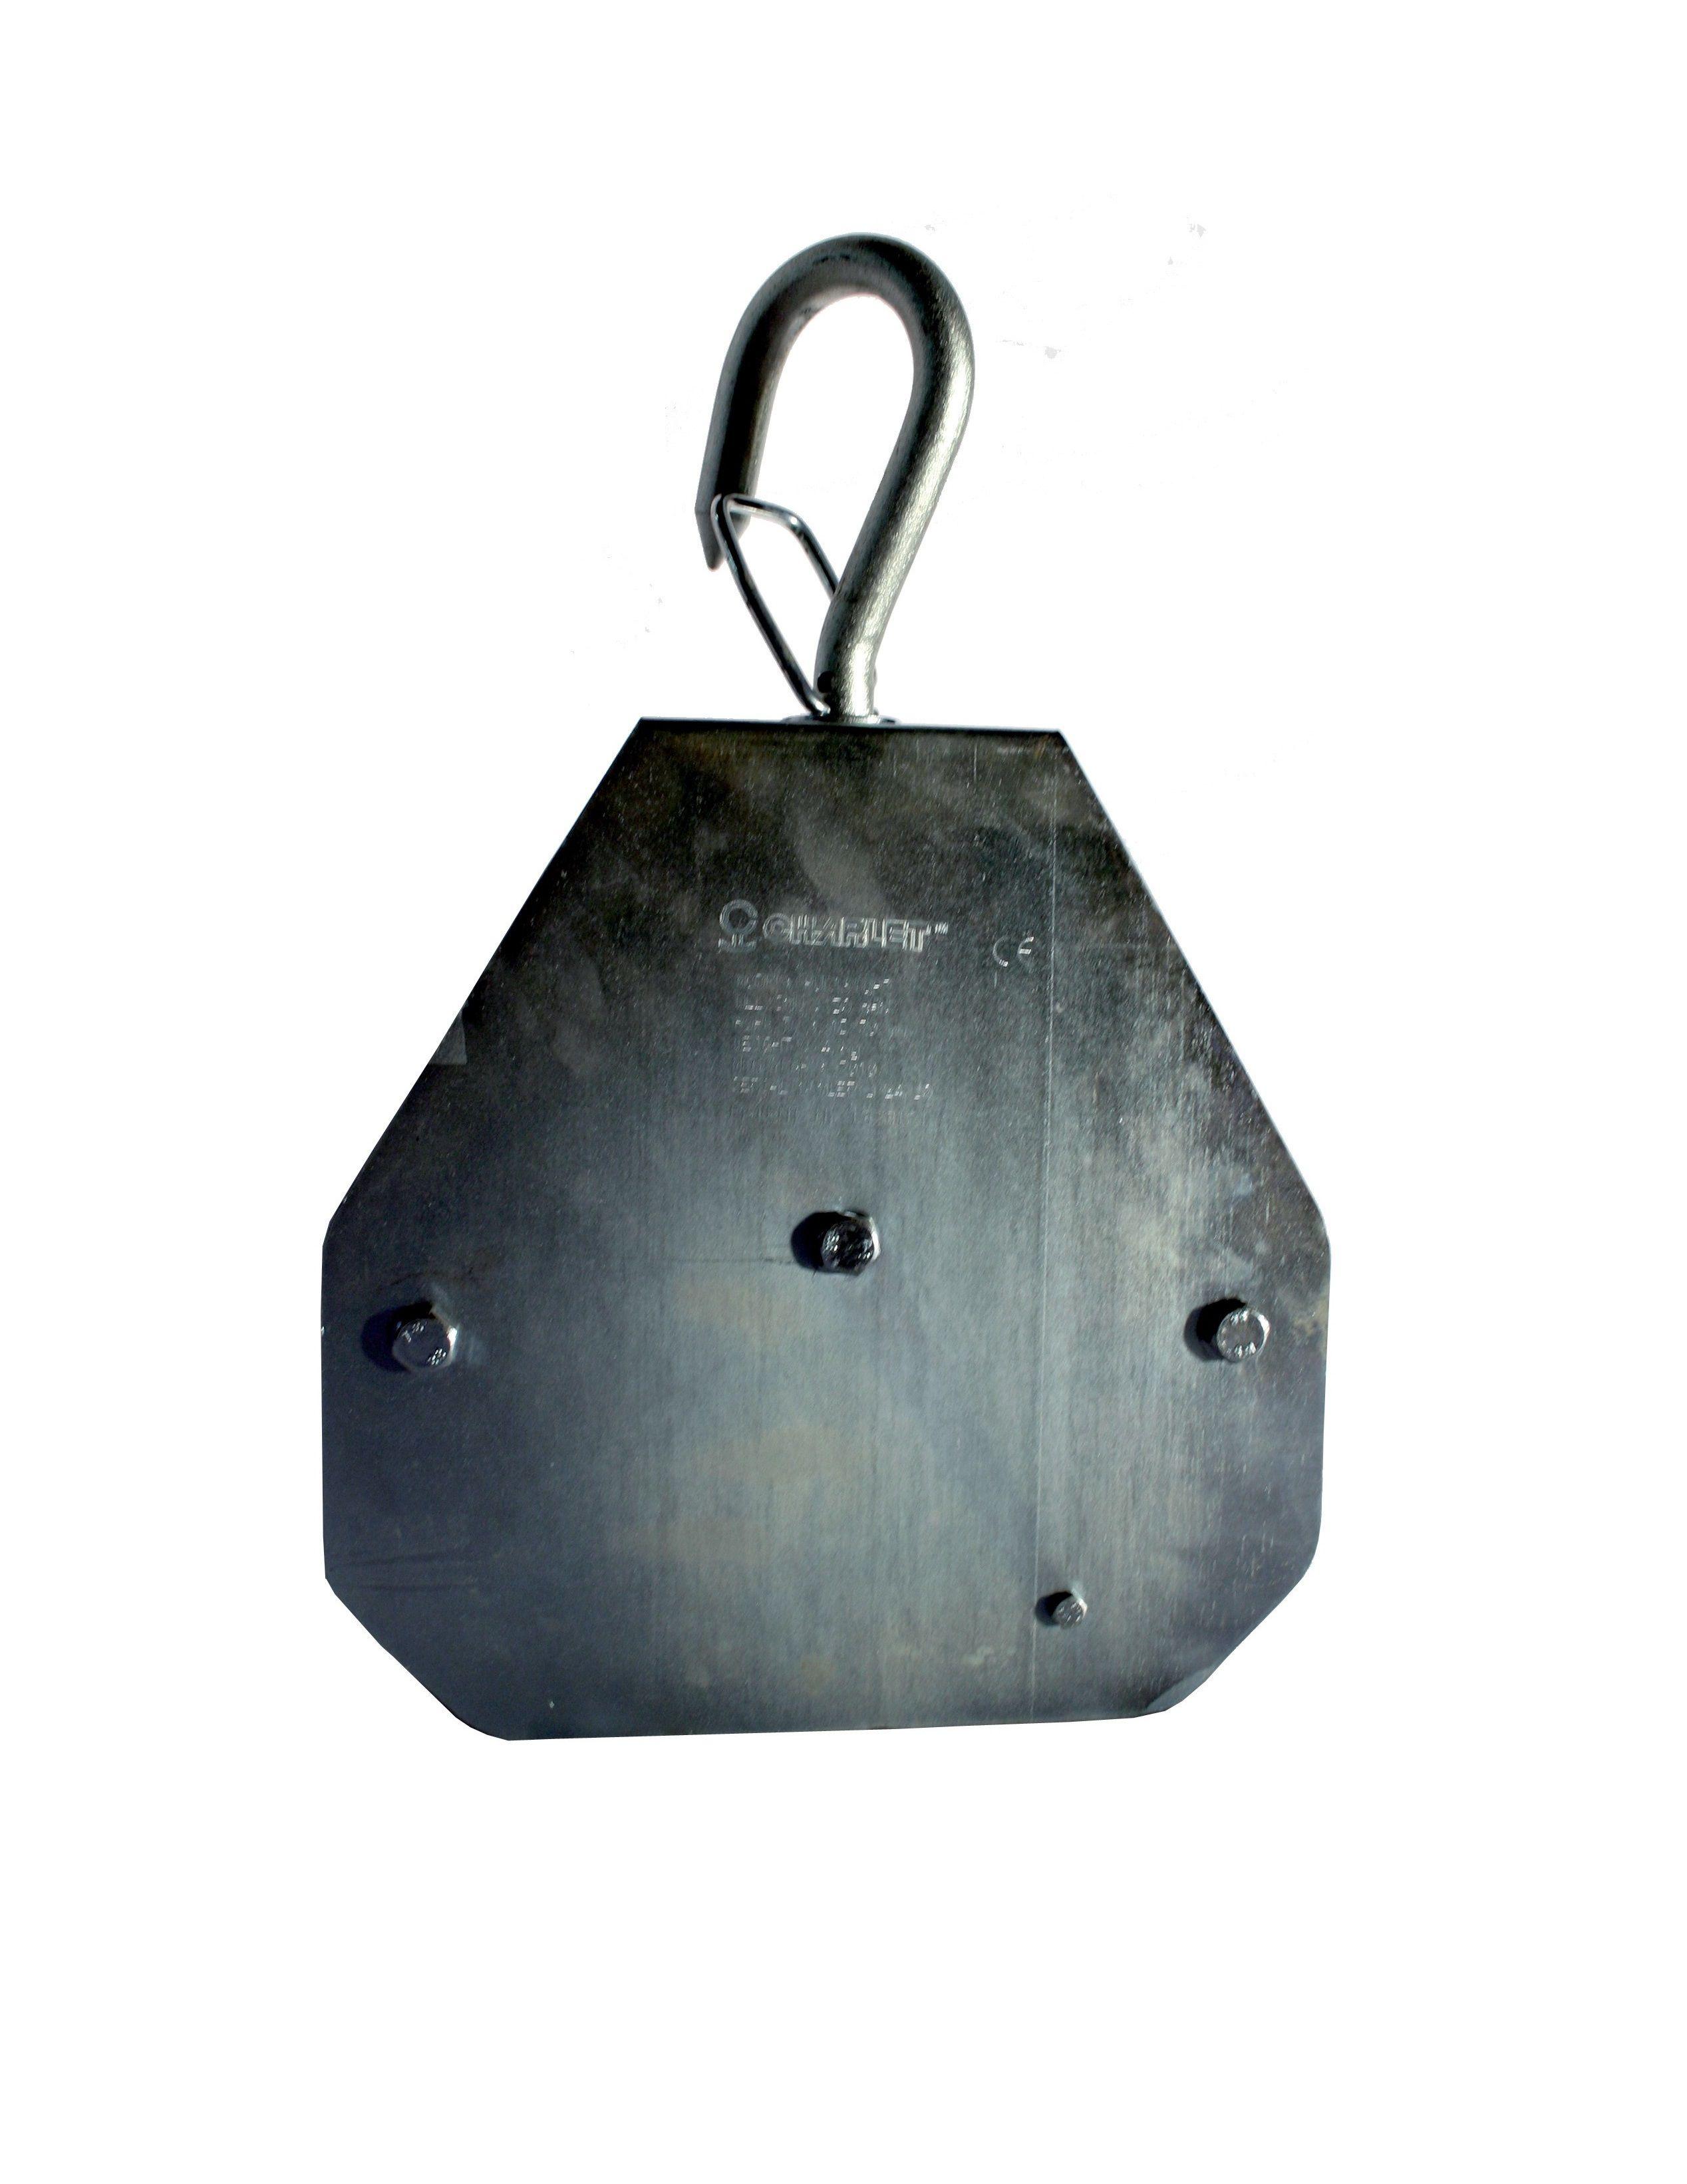 Gancio di Sollevamento in Acciaio Zincato Portata 250 Kg